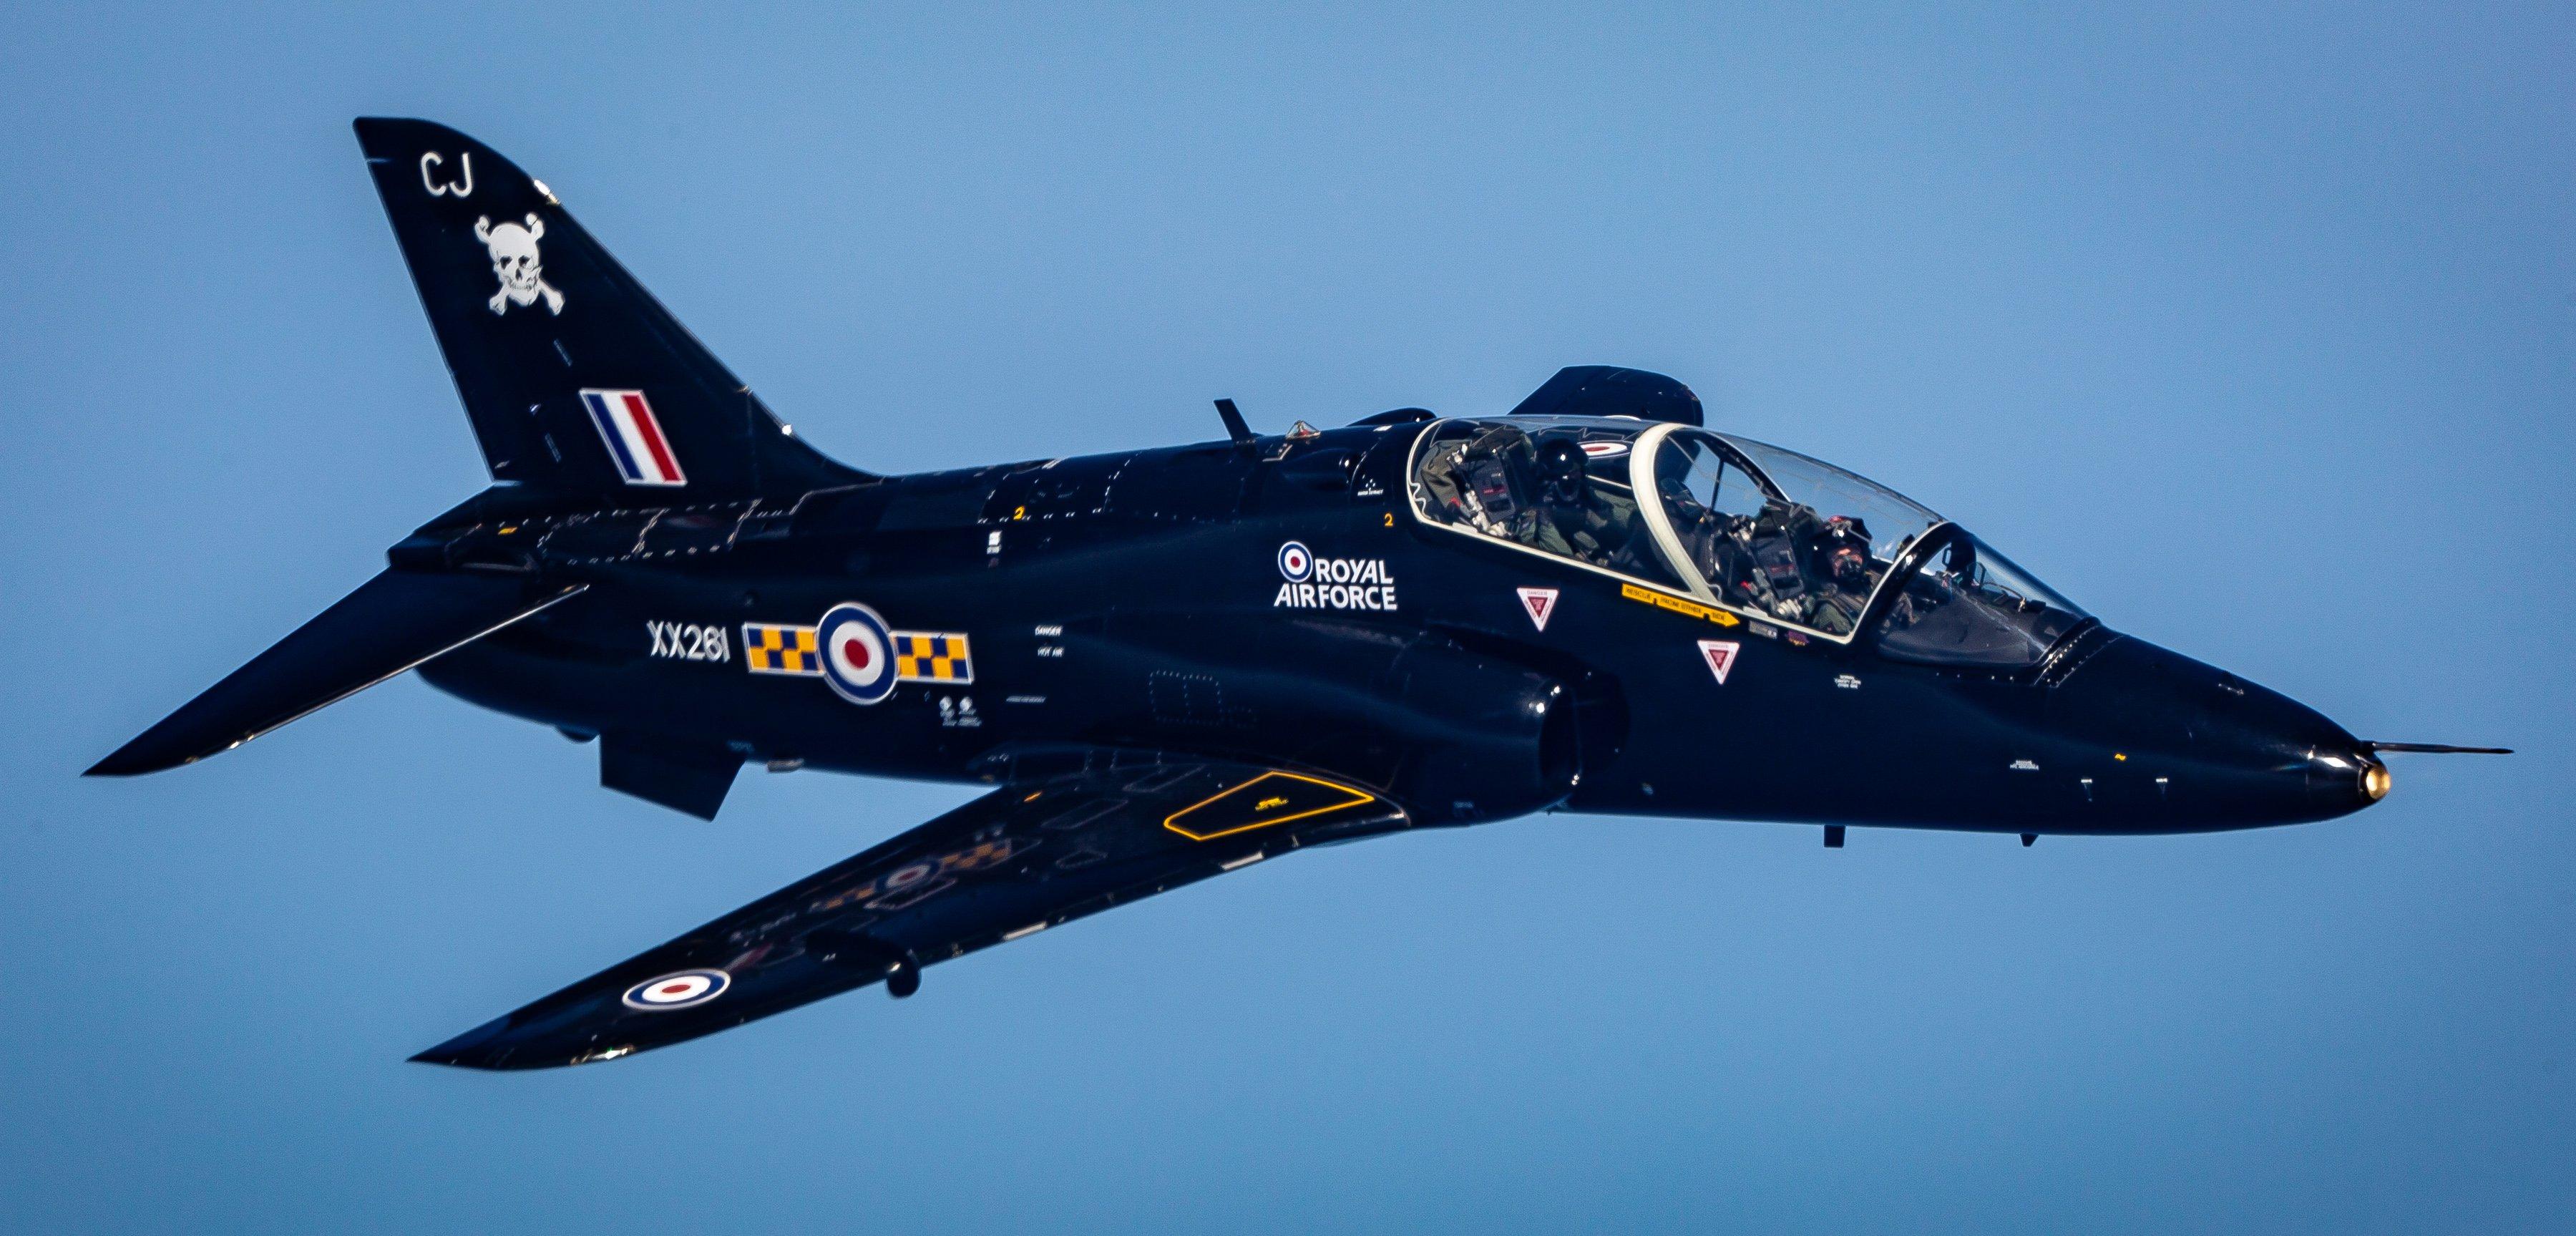 Hawk T1A [MOD Crown Copyright/Sgt 'Matty' Matthews]